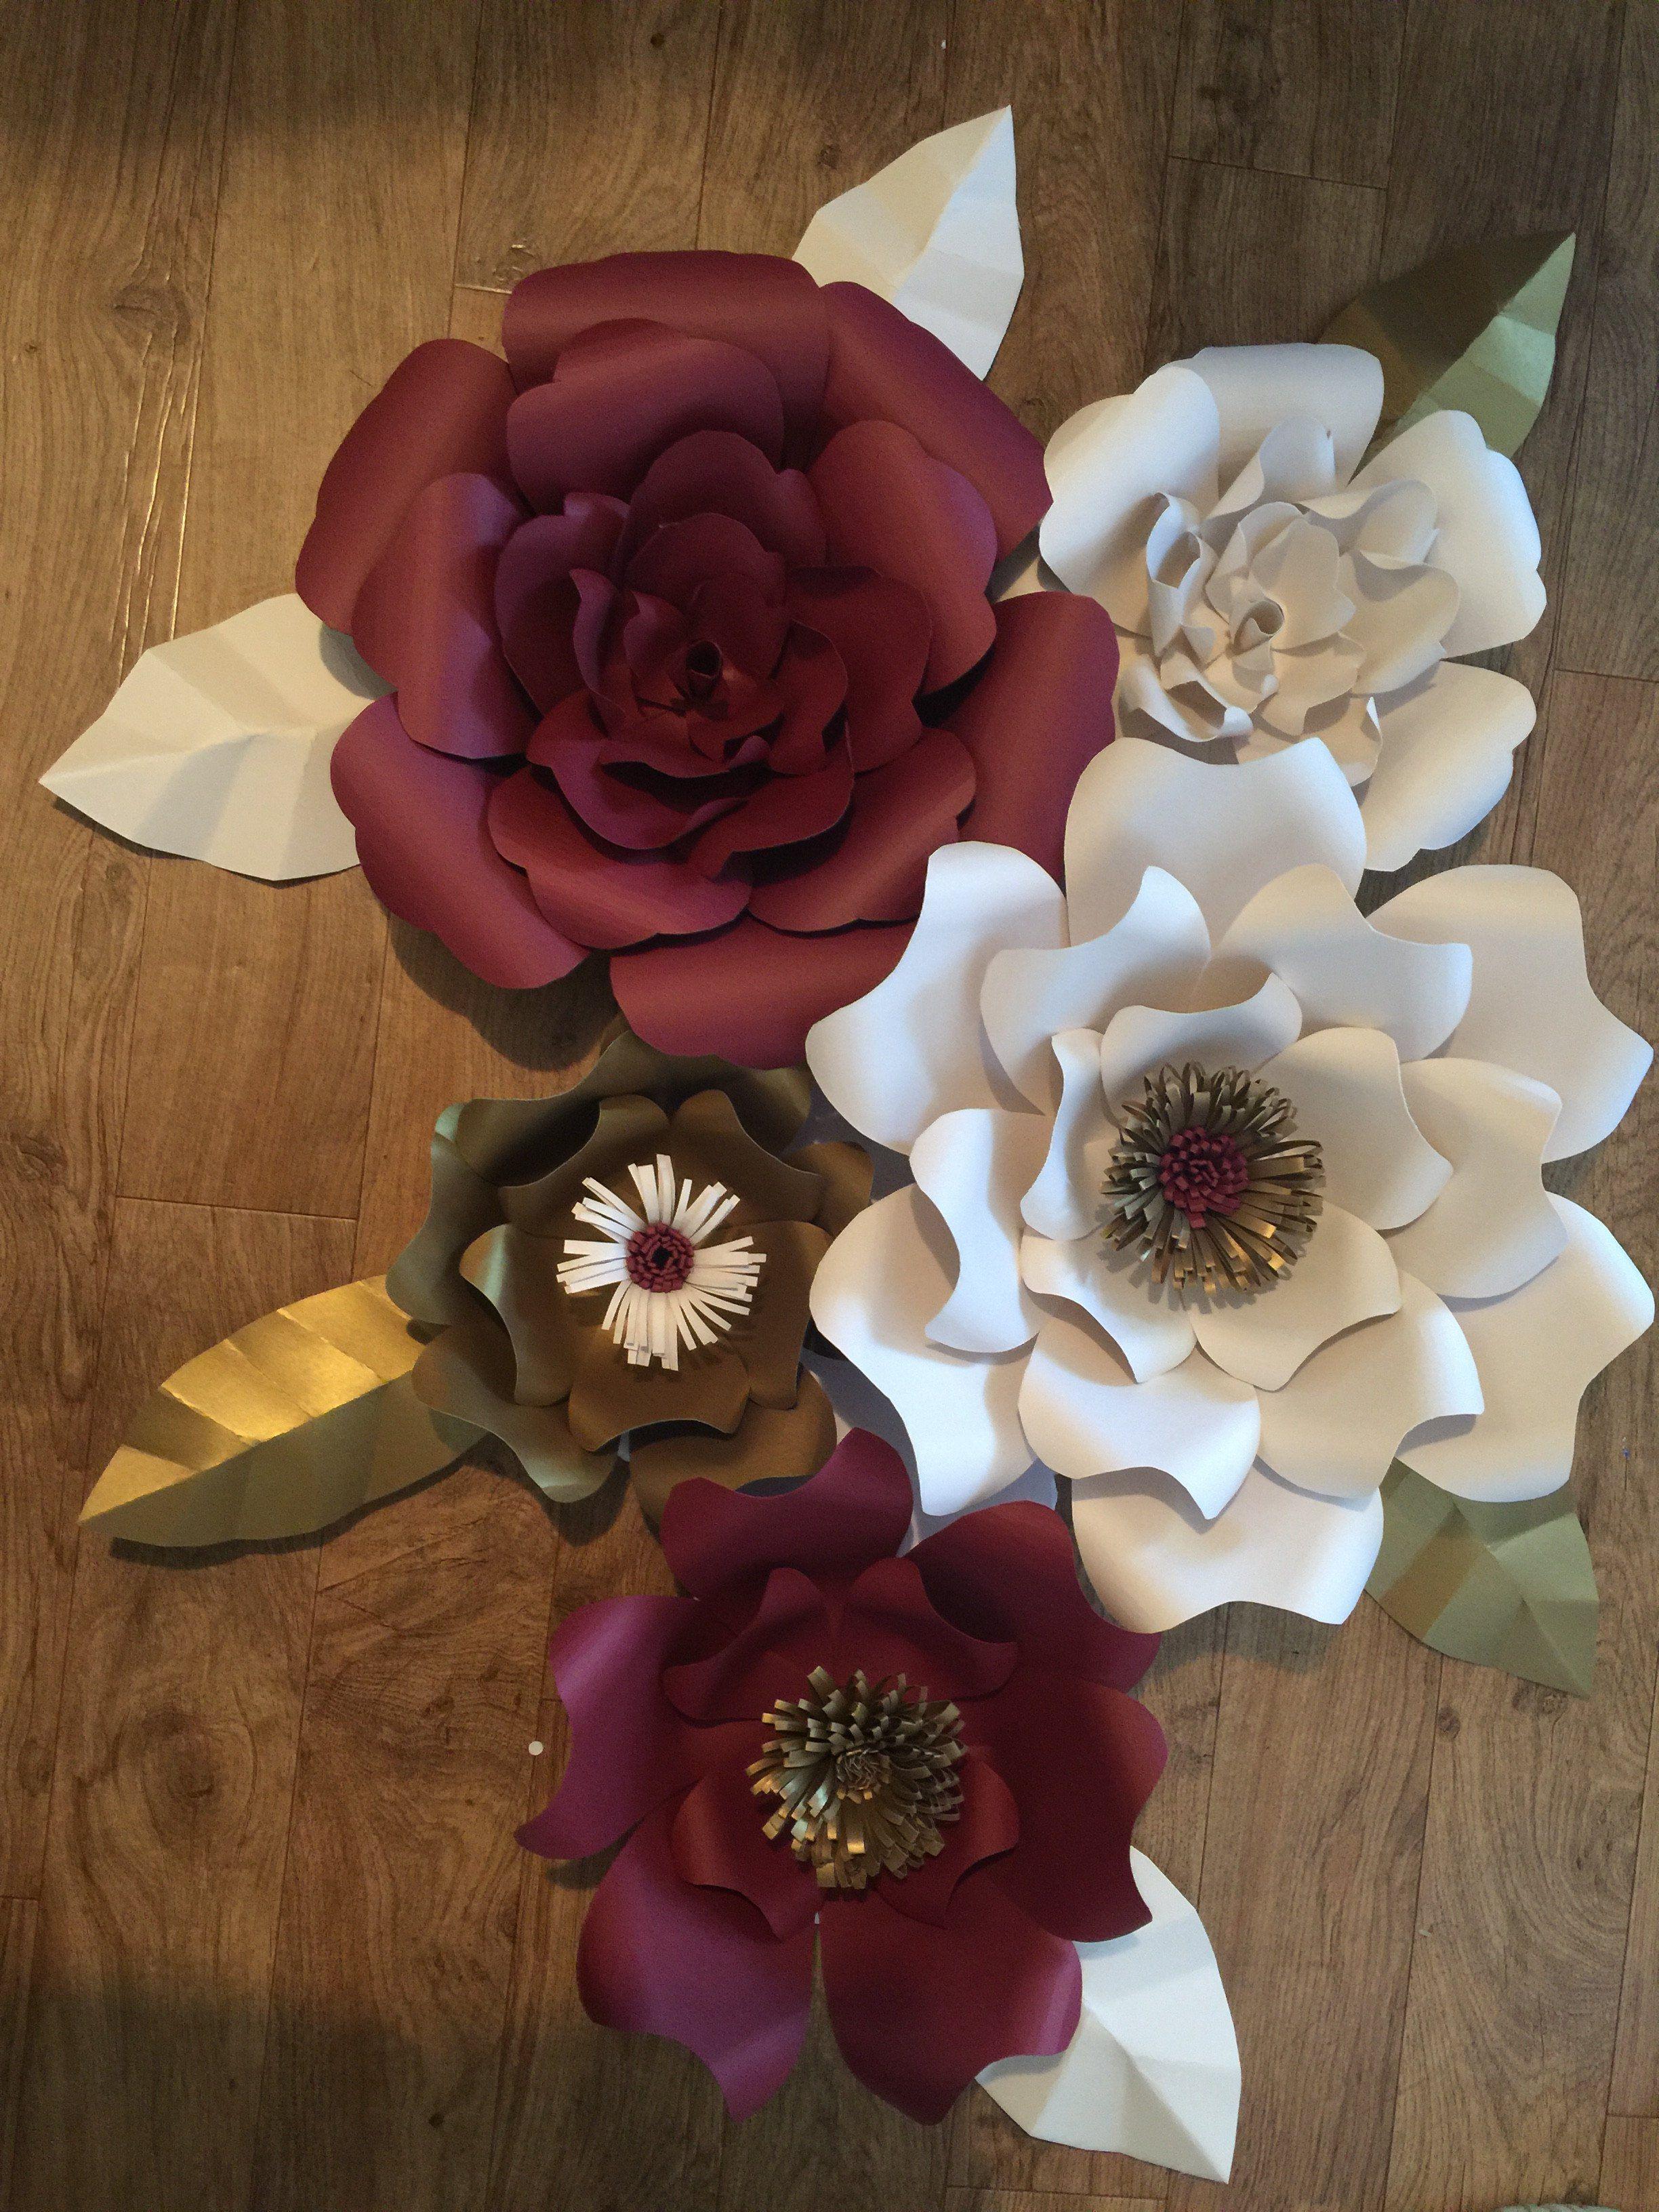 Paper Flower 5 Pc Diy Kit Flores De Papel Fondos Paper Flowers